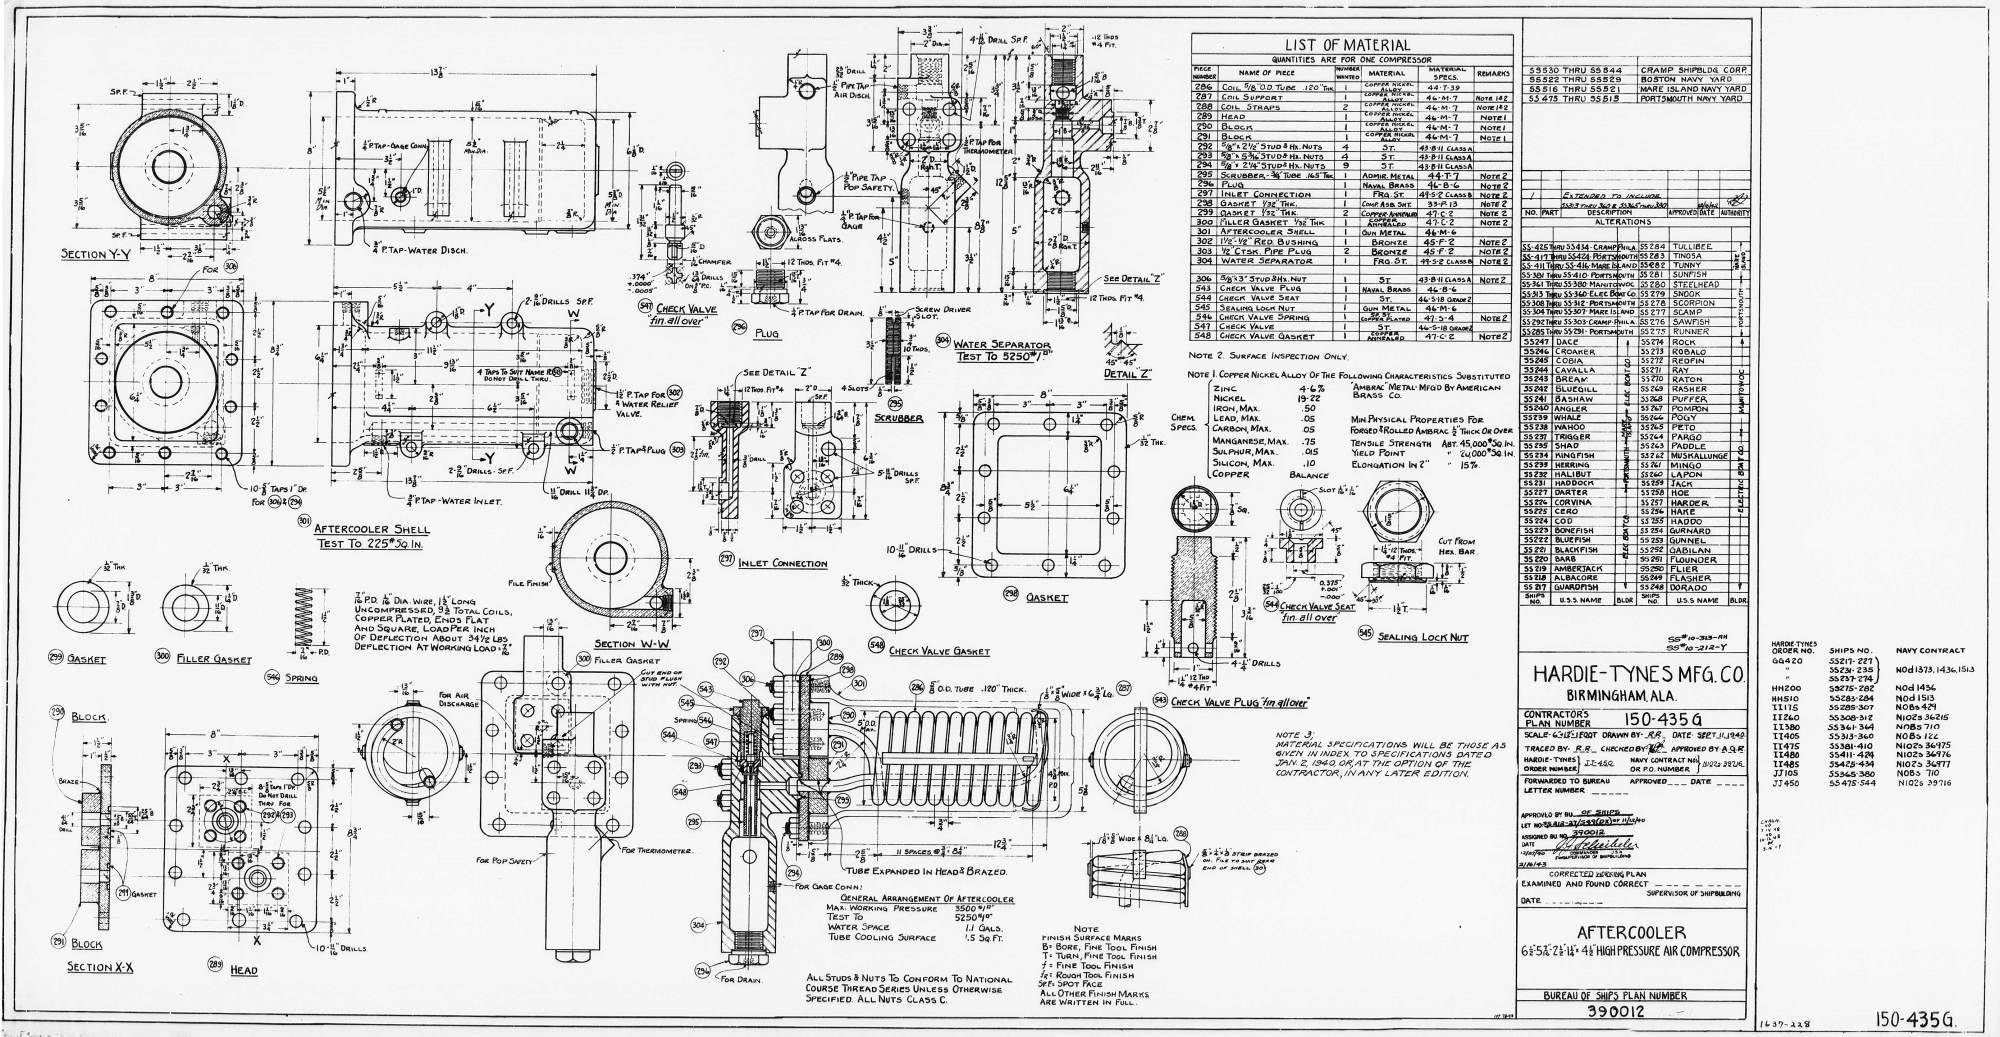 hight resolution of hp air hardie tynes air pipe guards basic390087 32429 11 0052 jpg hp air hardie tynes air piping basic533829 32429 11 0110 jpg